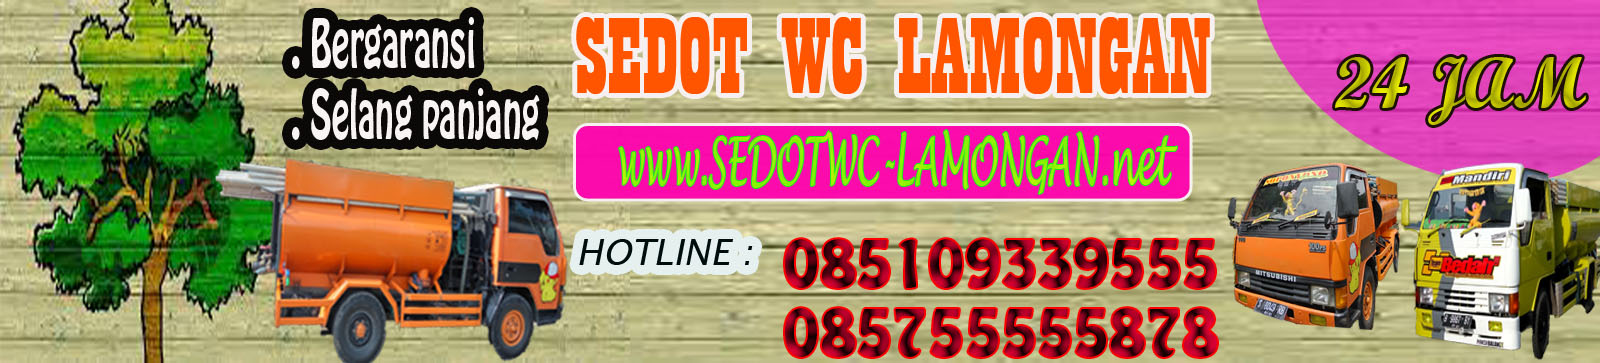 SEDOT WC LAMONGAN | Tlp 085109339555